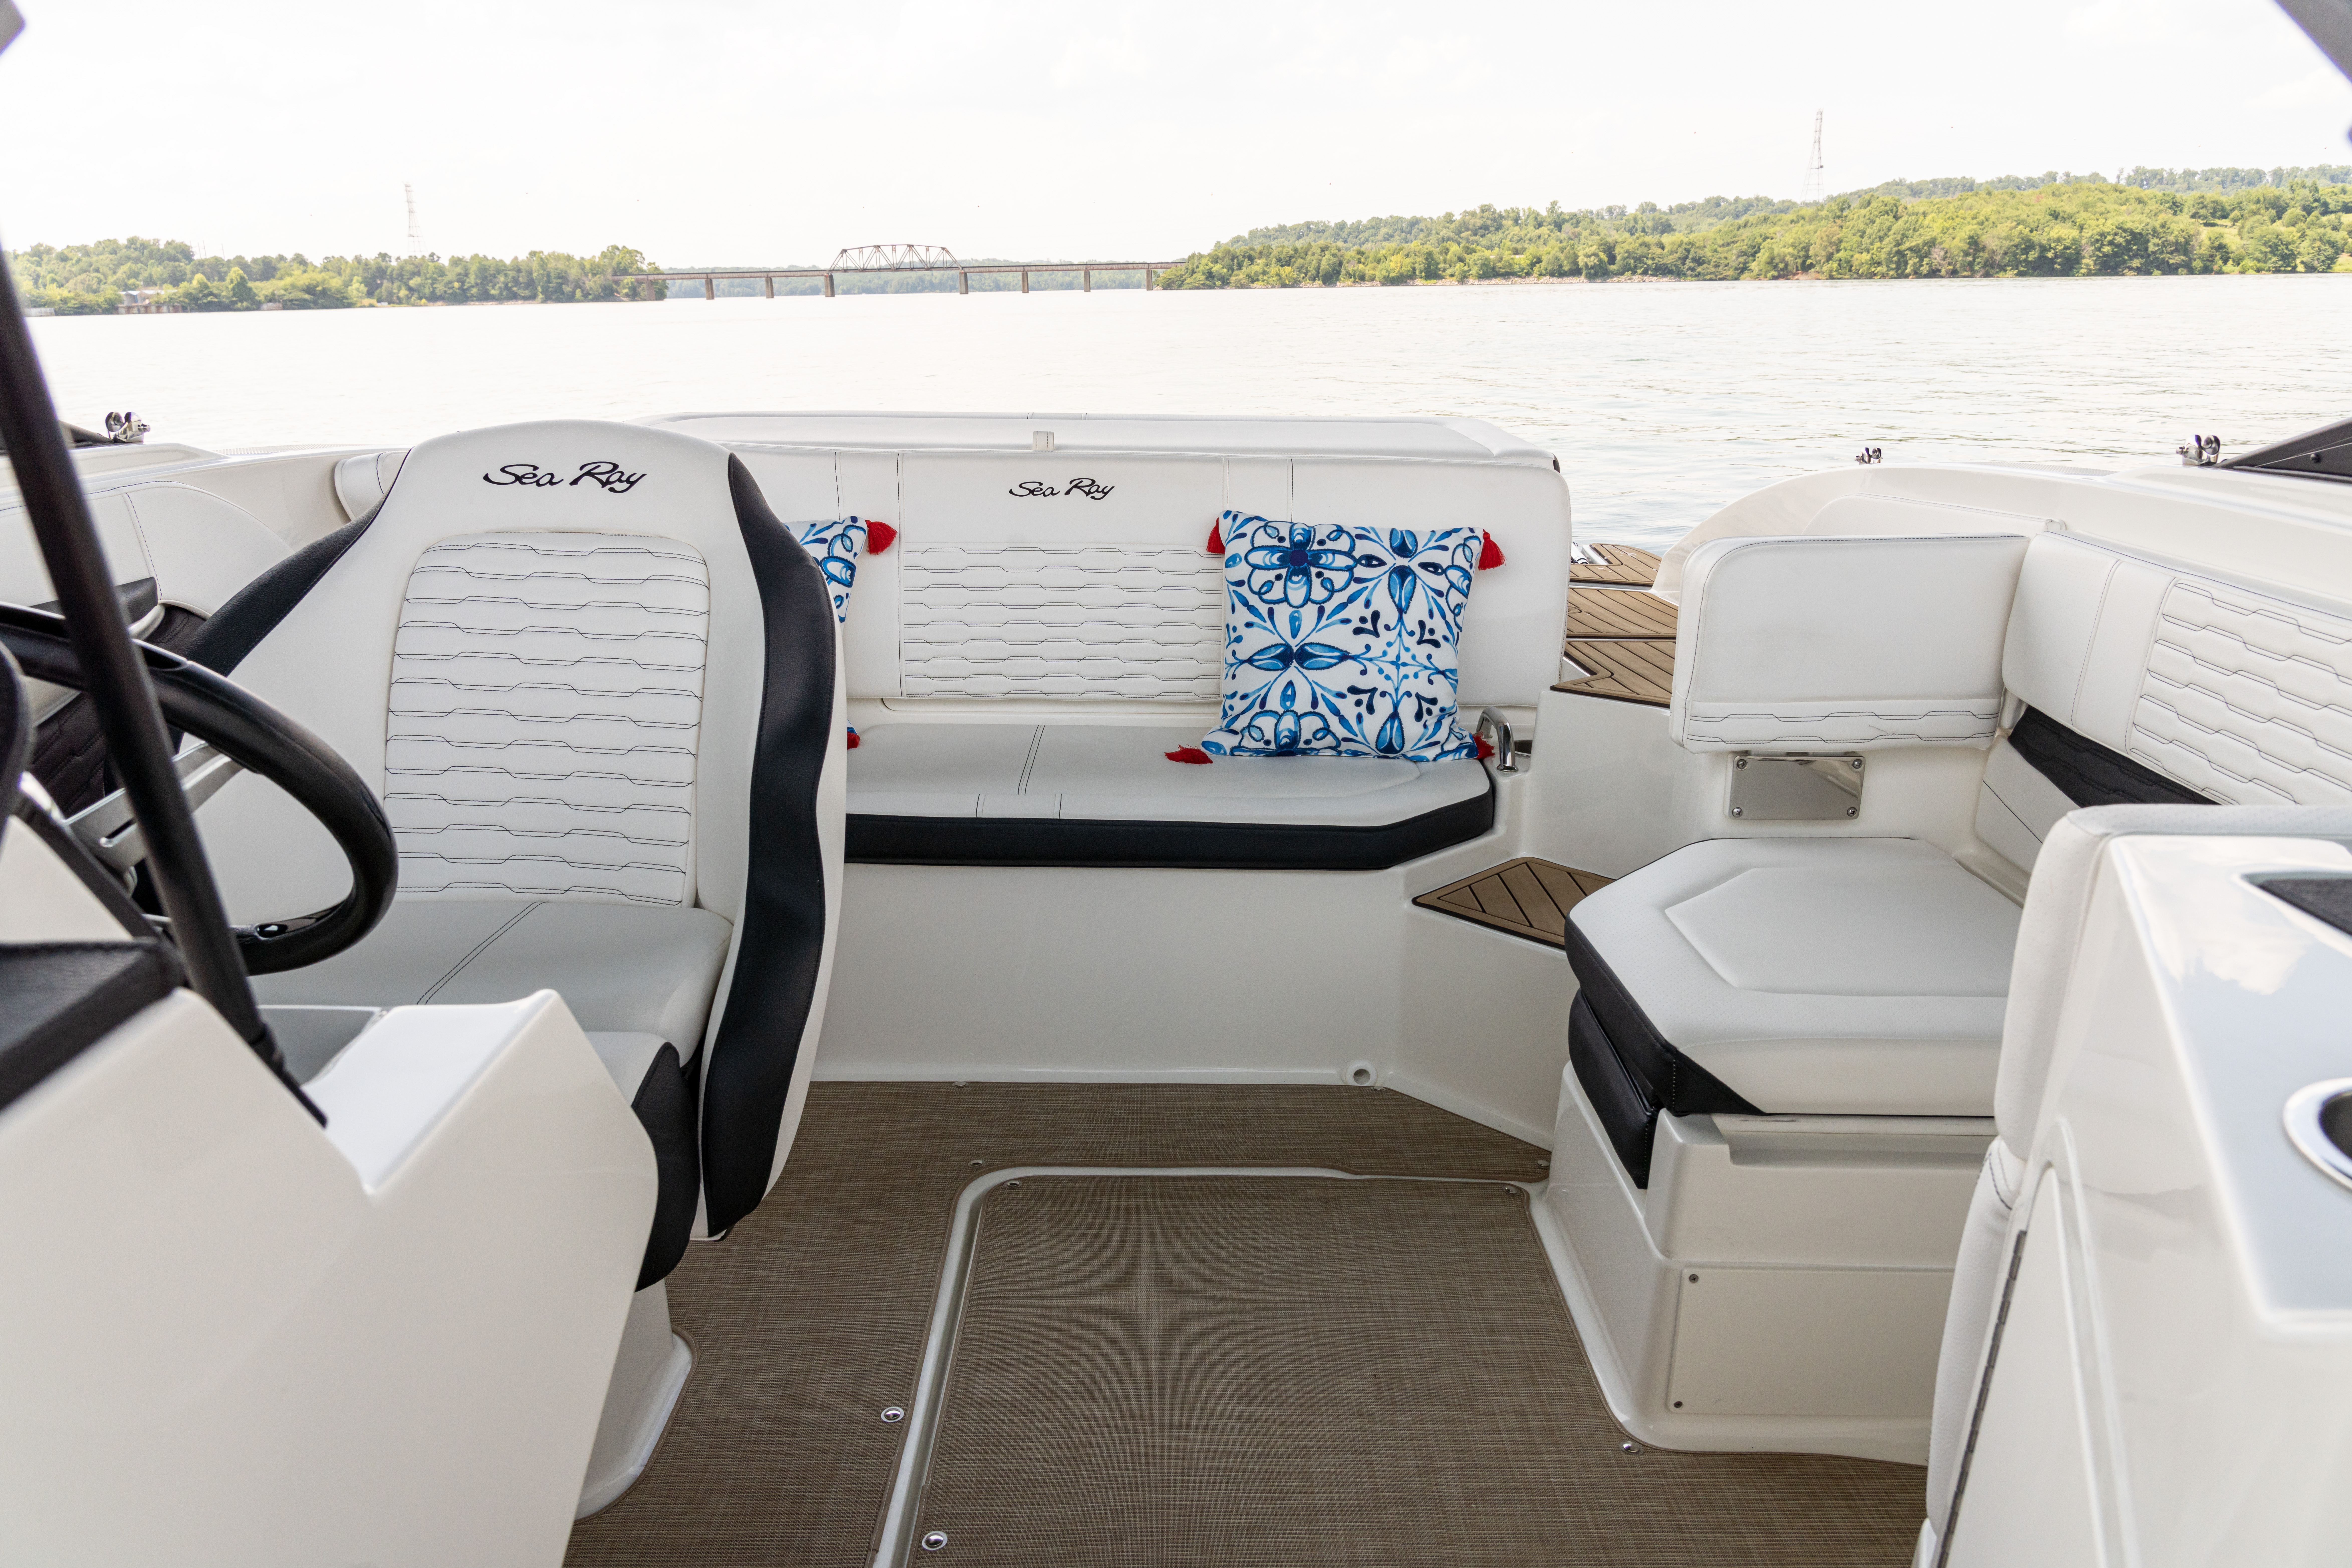 Sea Ray SPX 190 MY 2021 Bowrider full